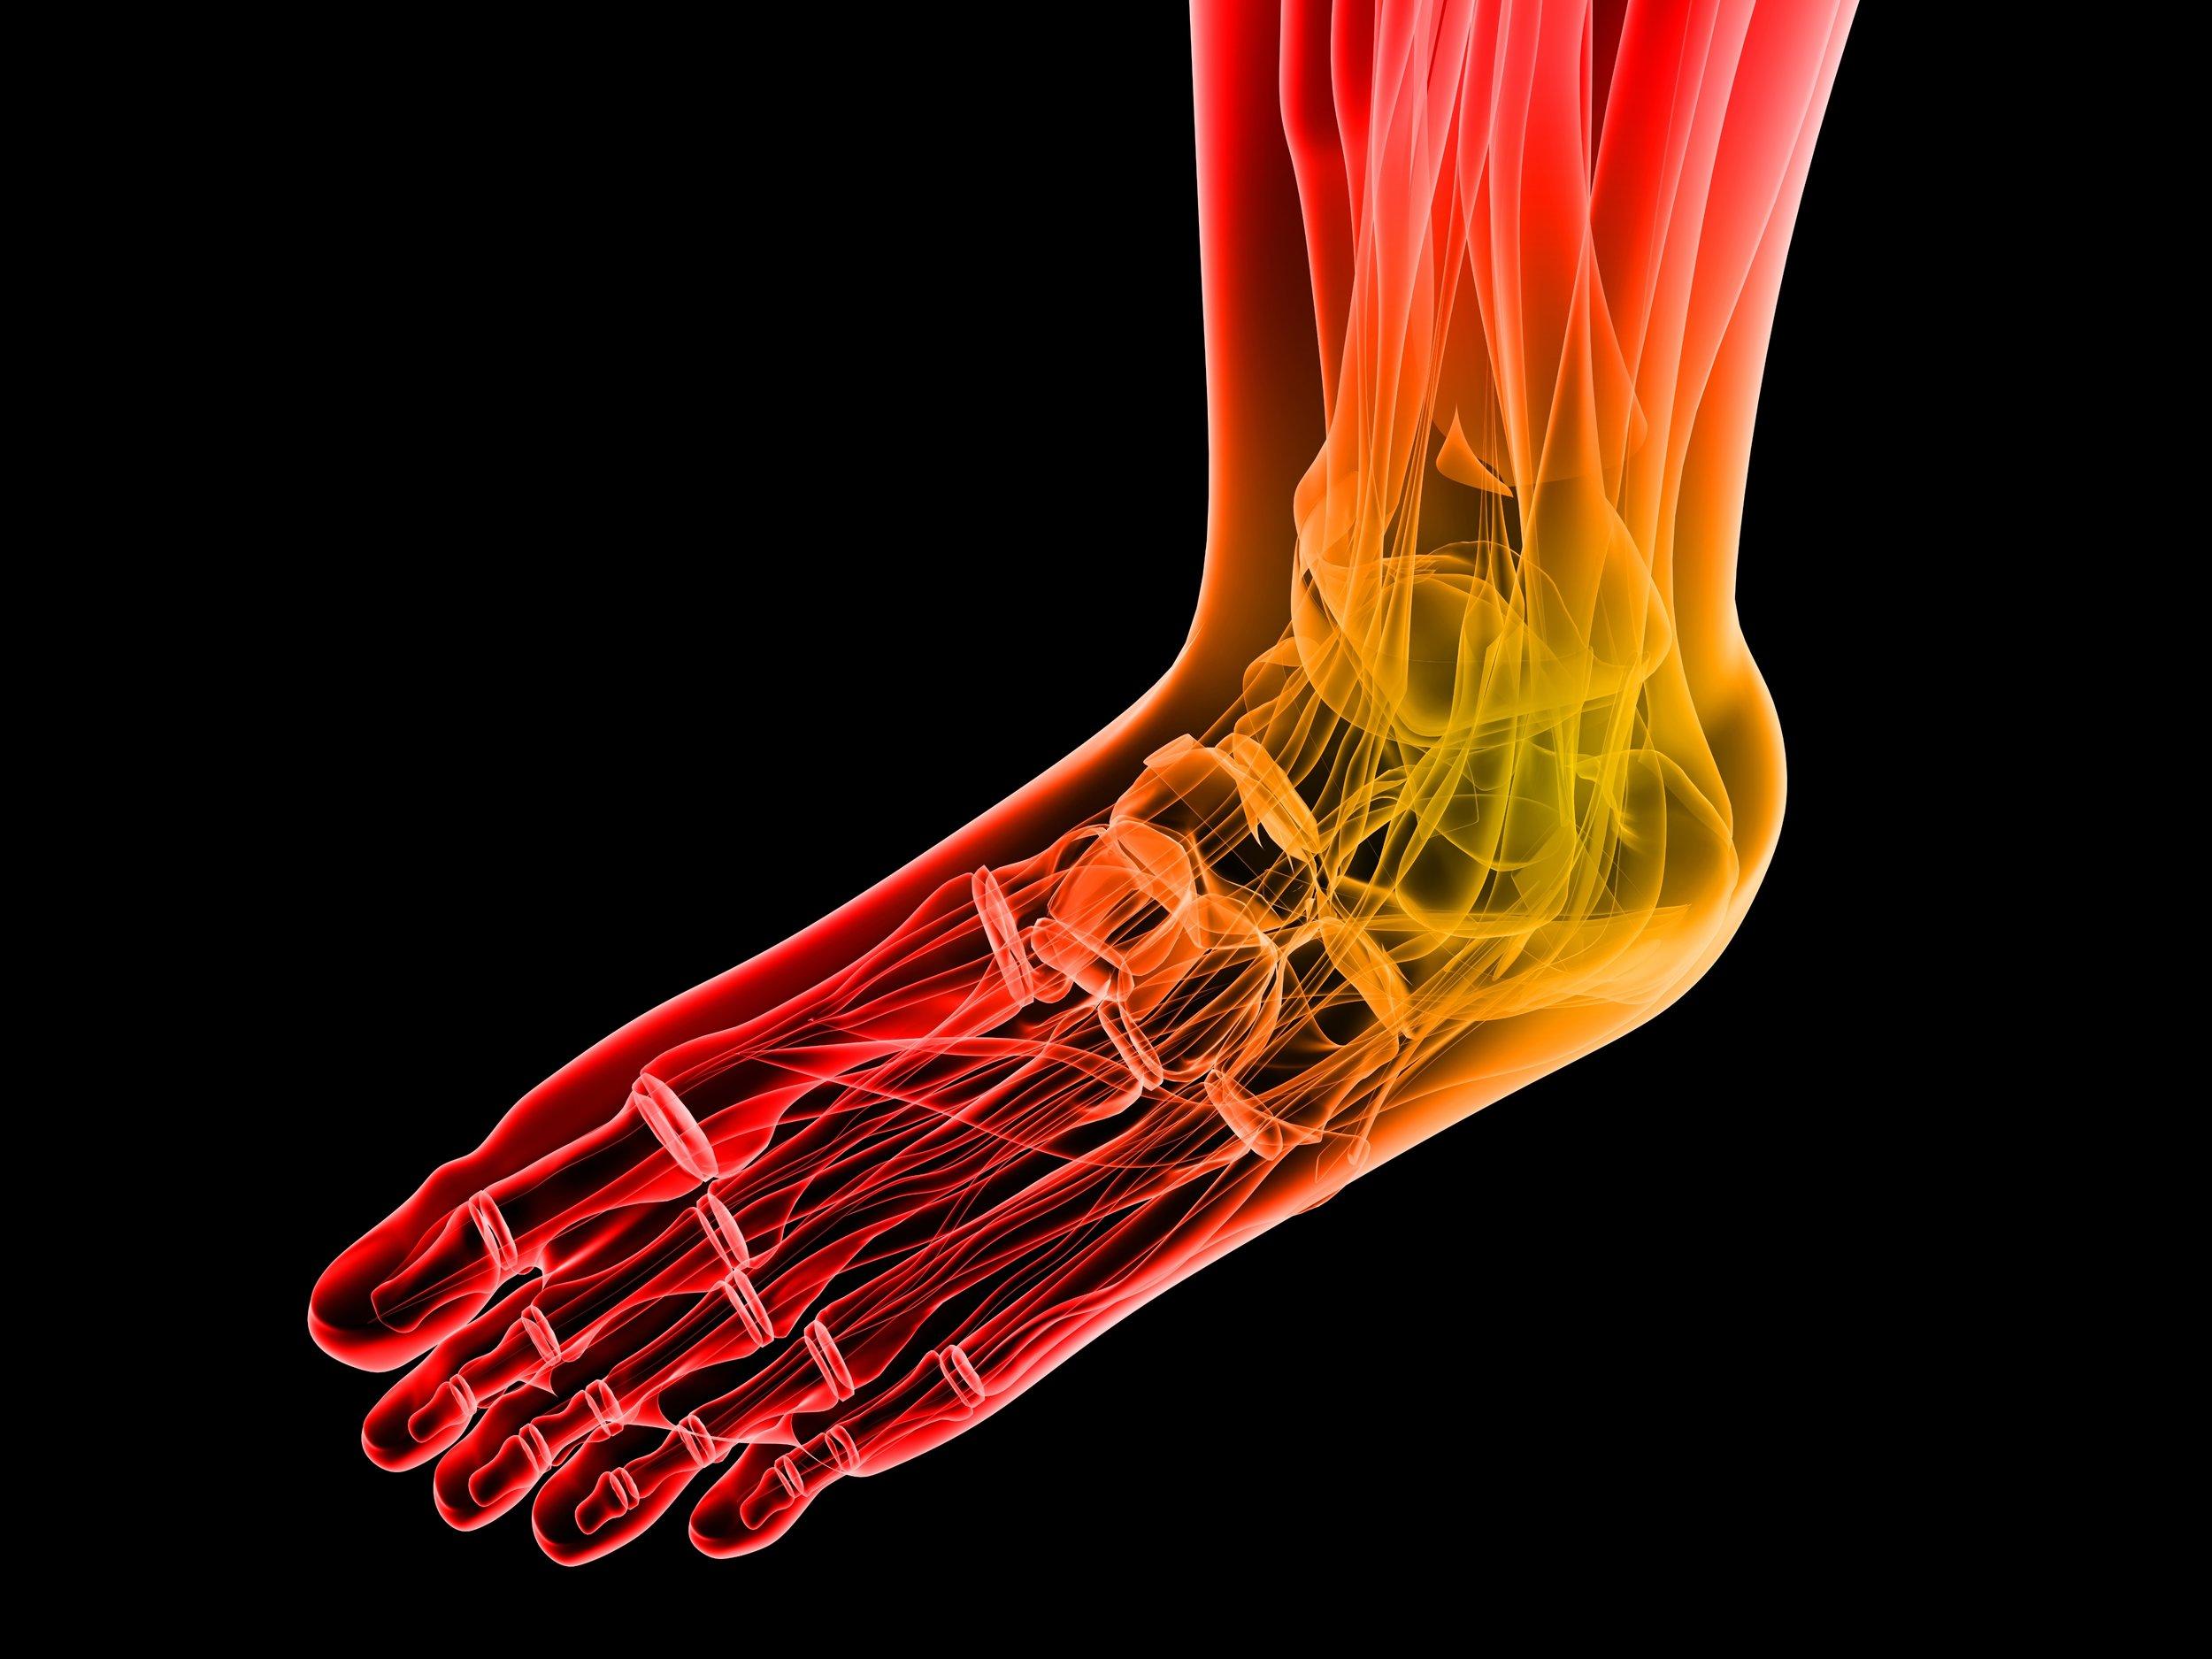 diabetic foot treatment essexville linwood podiatrist